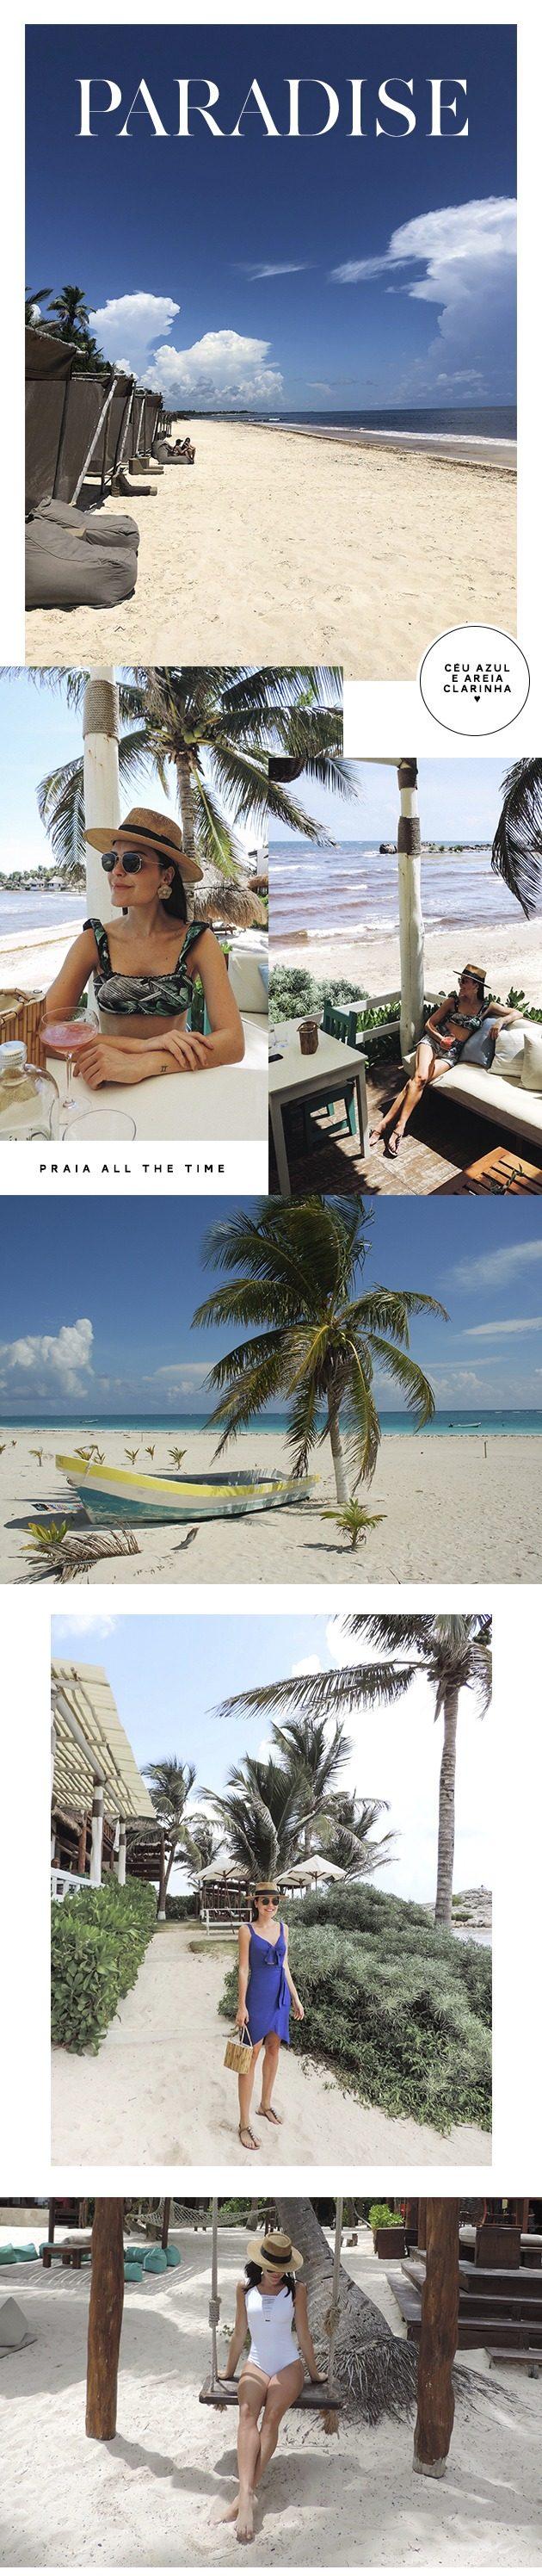 Dicas-de-Tulum-roteiro-de-viagem-guia-de-viagem-México-tudo-sobre-infos-onde-ficar-hotel-o-que-fazer-Riviera-Maya-TULUM